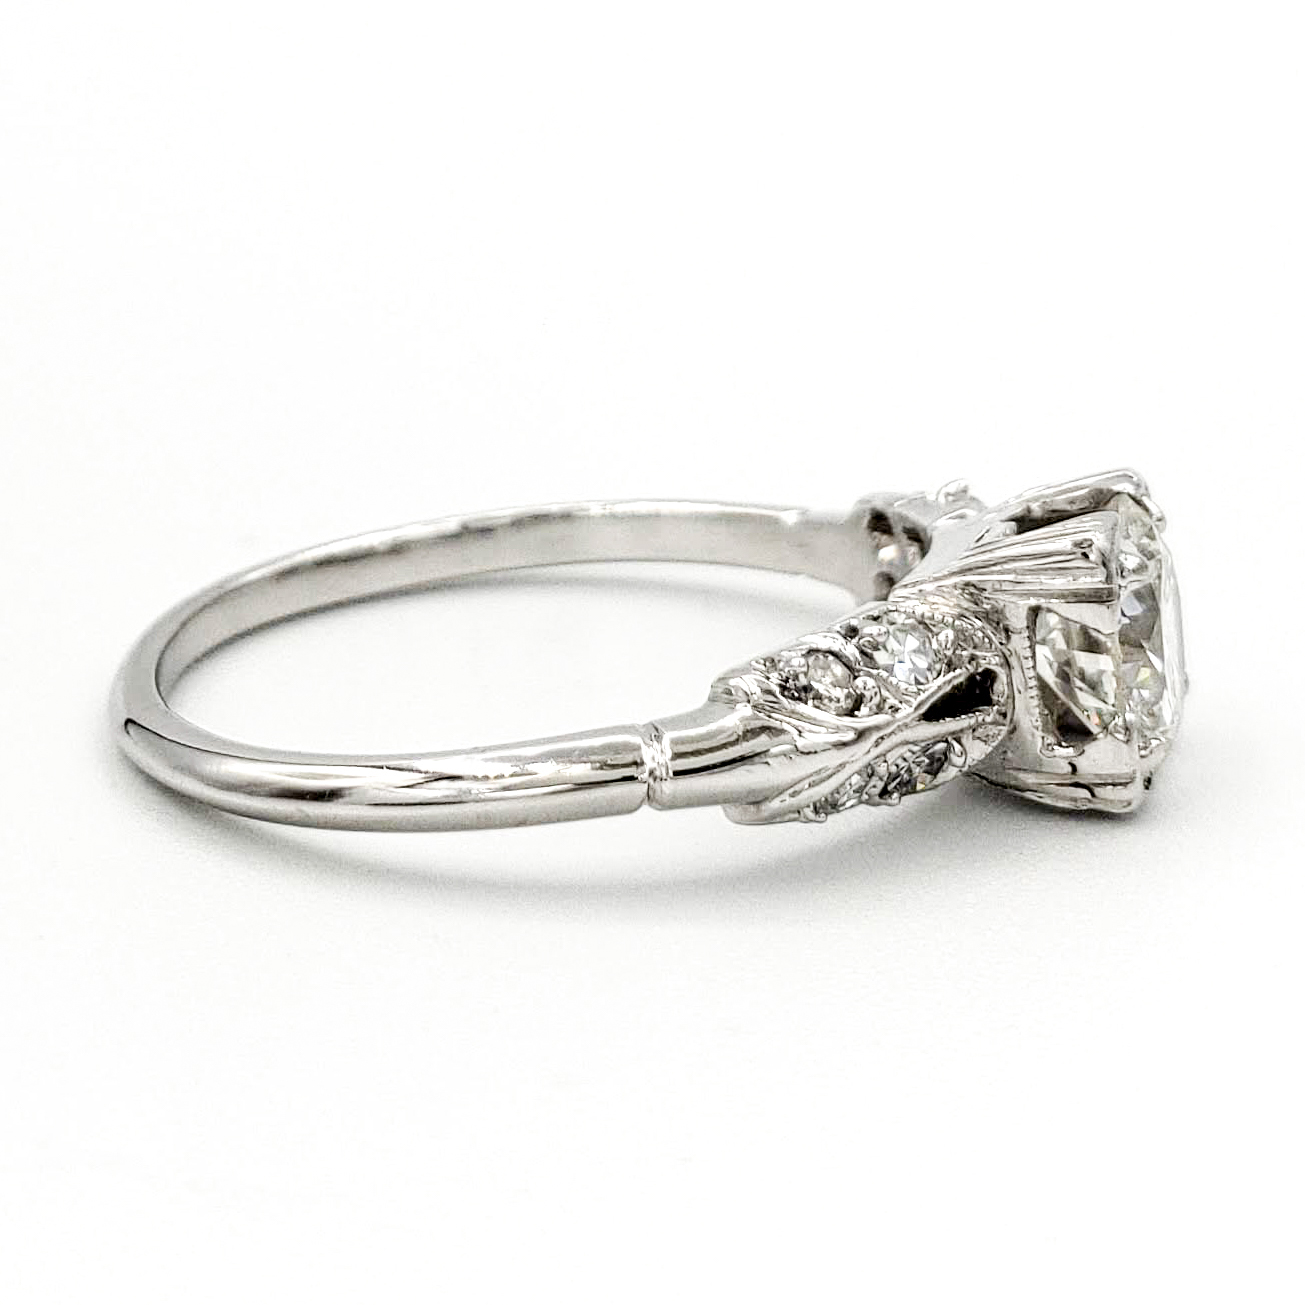 vintage-platinum-engagement-ring-with-0-68-carat-round-brilliant-cut-diamond-egl-h-vs1